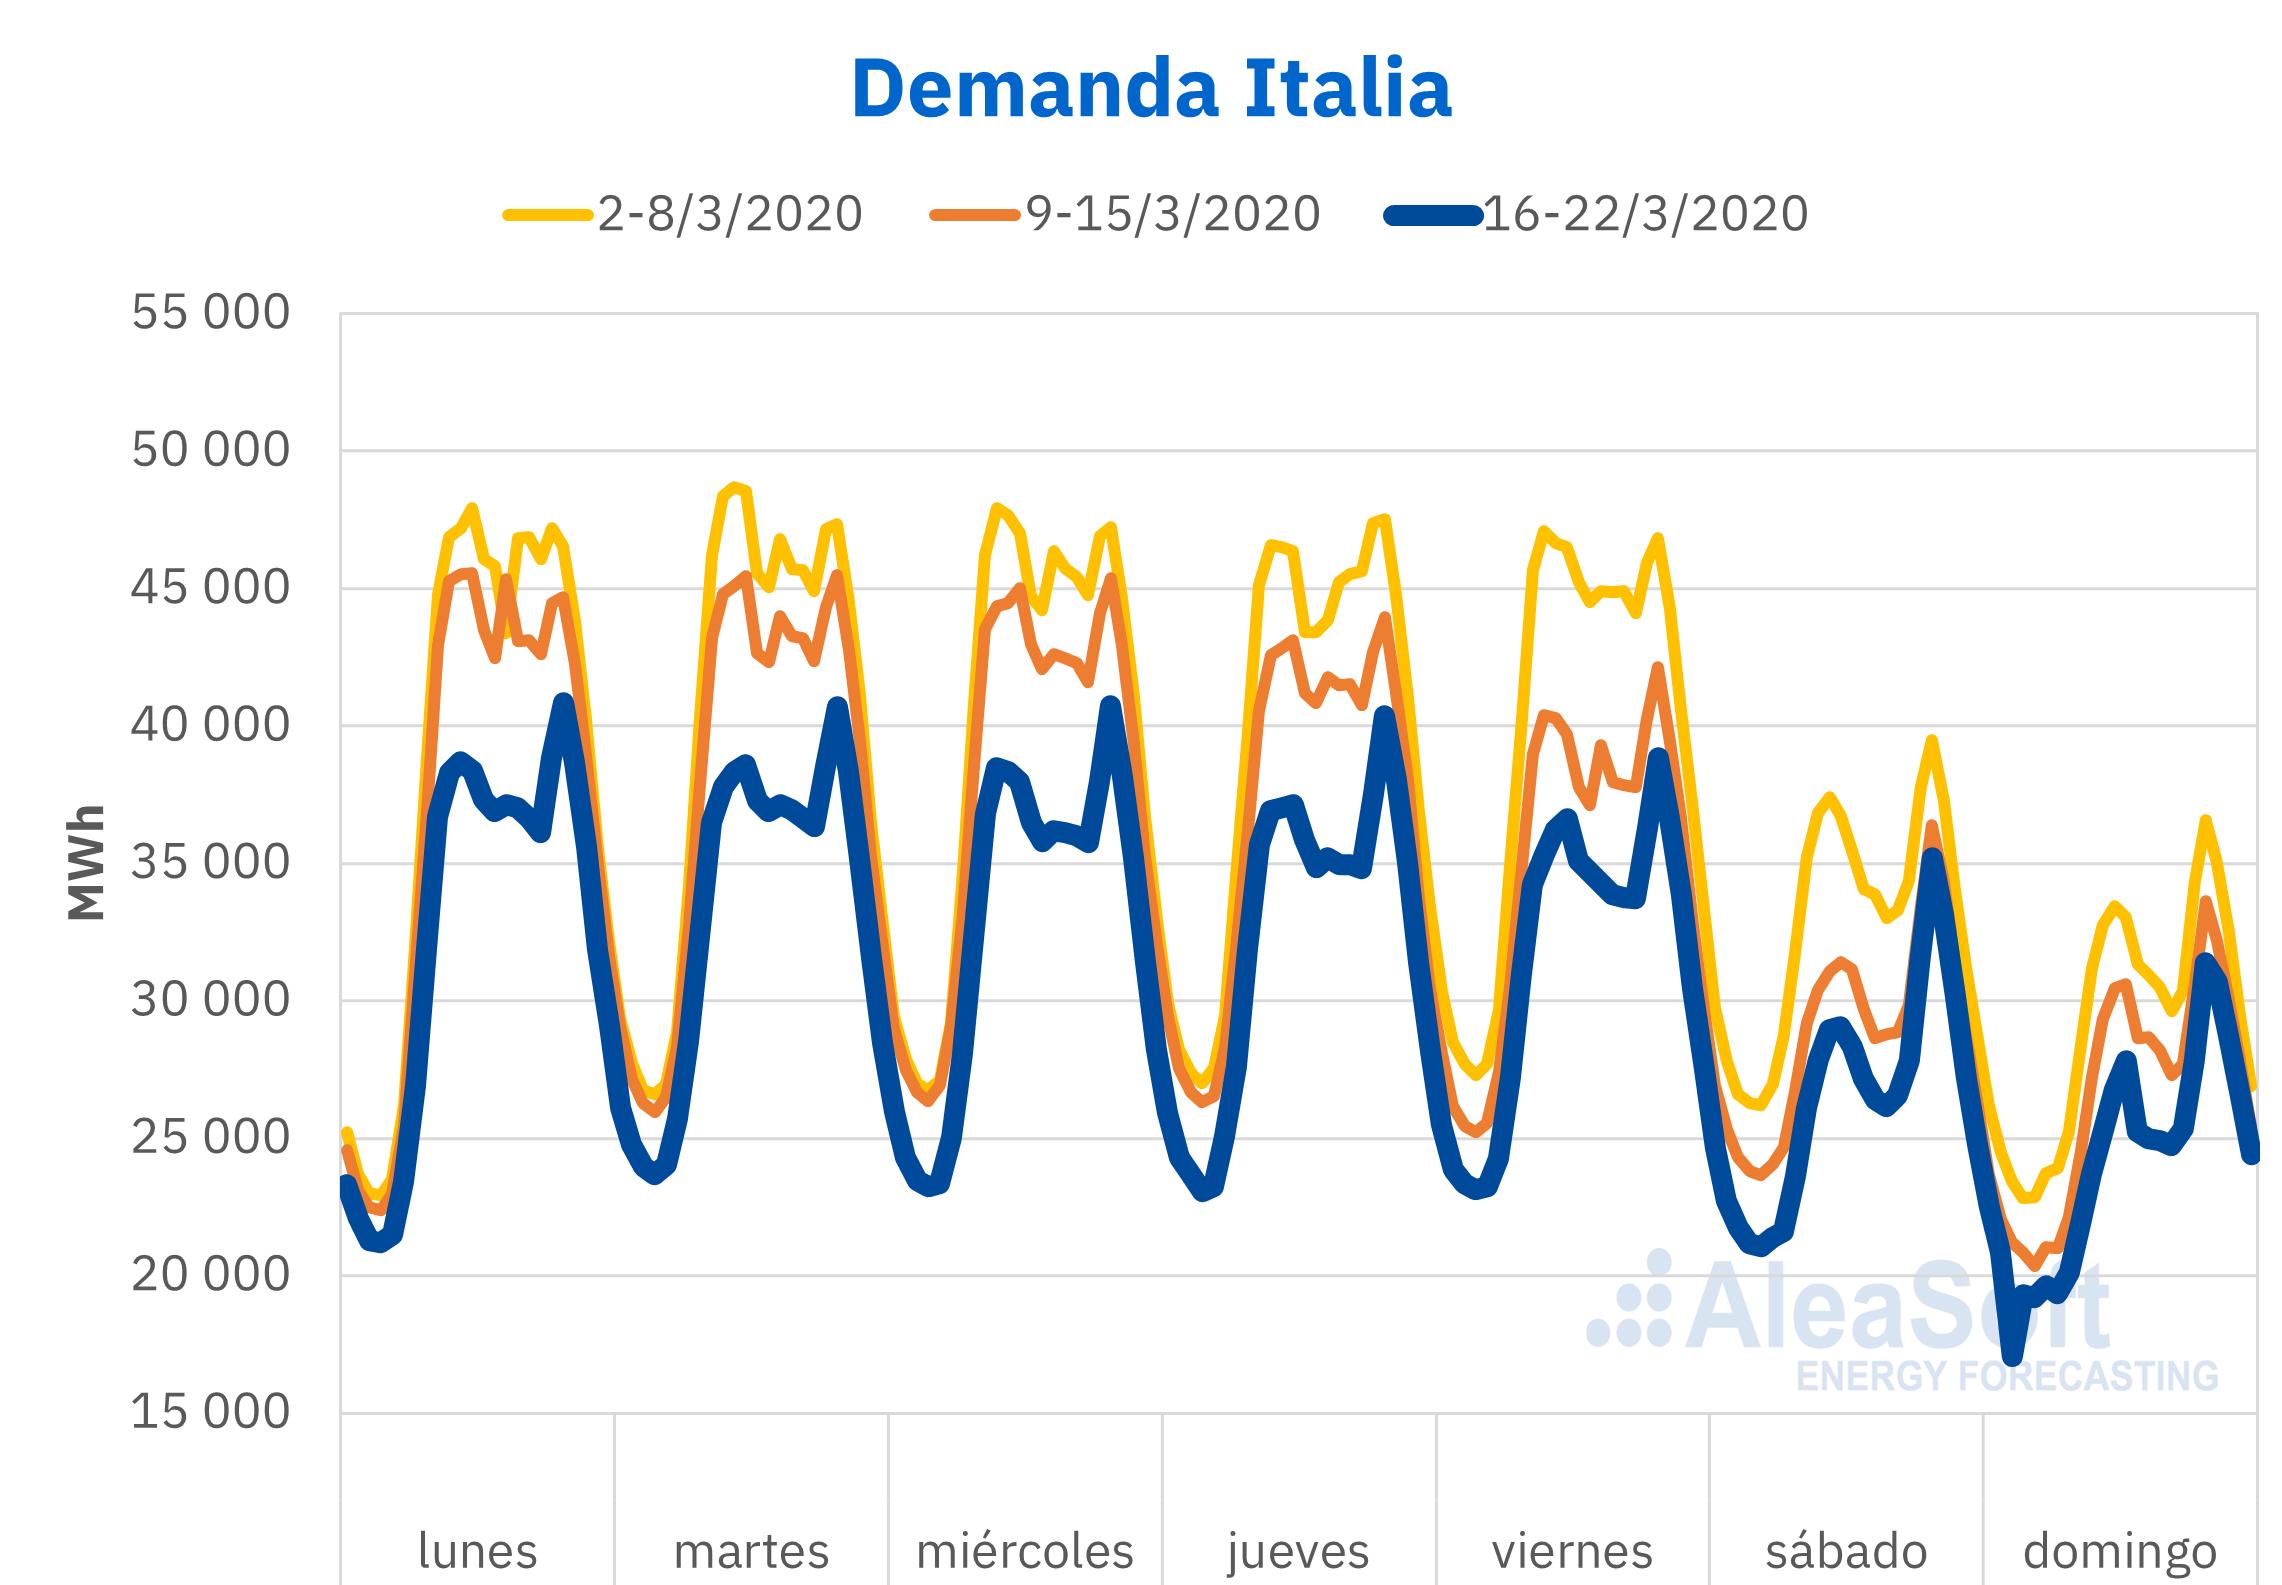 lectricid- ad Italia semanas anteriores coronavirus